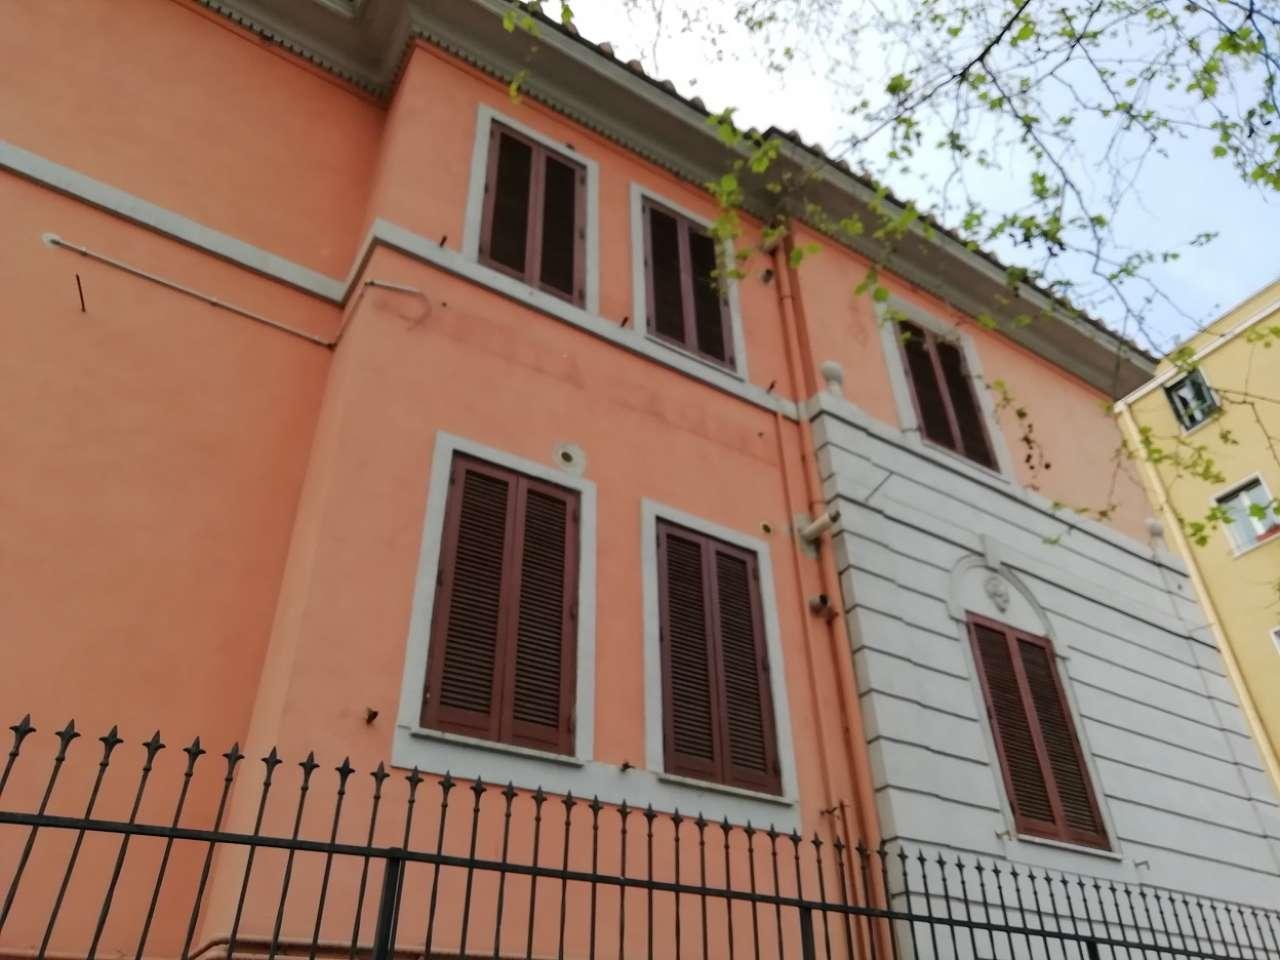 Soluzione Indipendente in vendita a Roma, 8 locali, zona Zona: 24 . Gianicolense - Colli Portuensi - Monteverde, prezzo € 1.048.000   CambioCasa.it